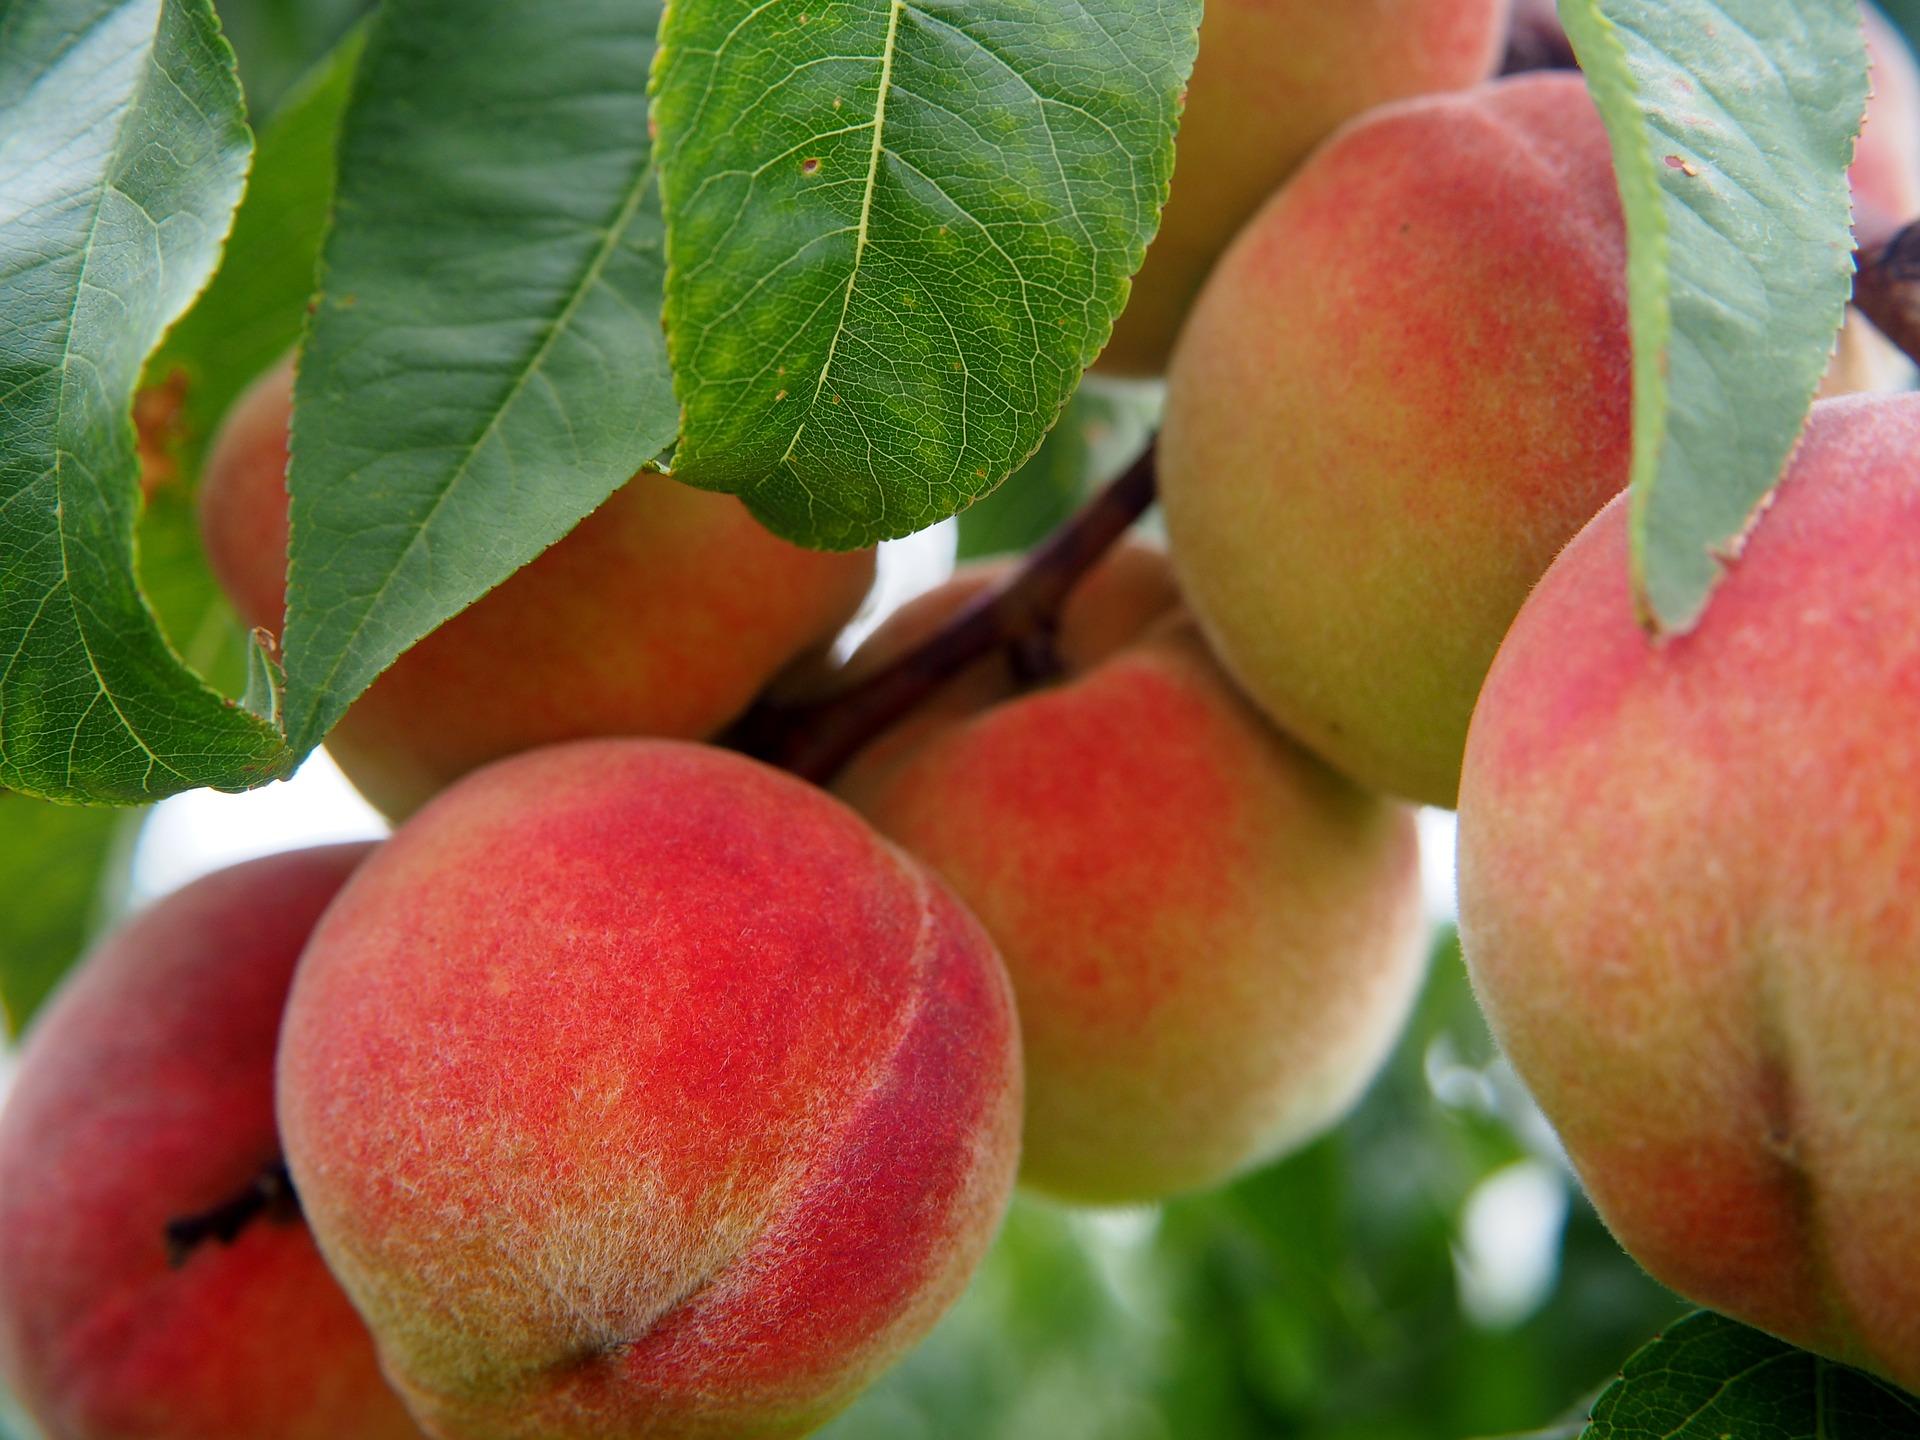 peach-2632182_1920.jpg